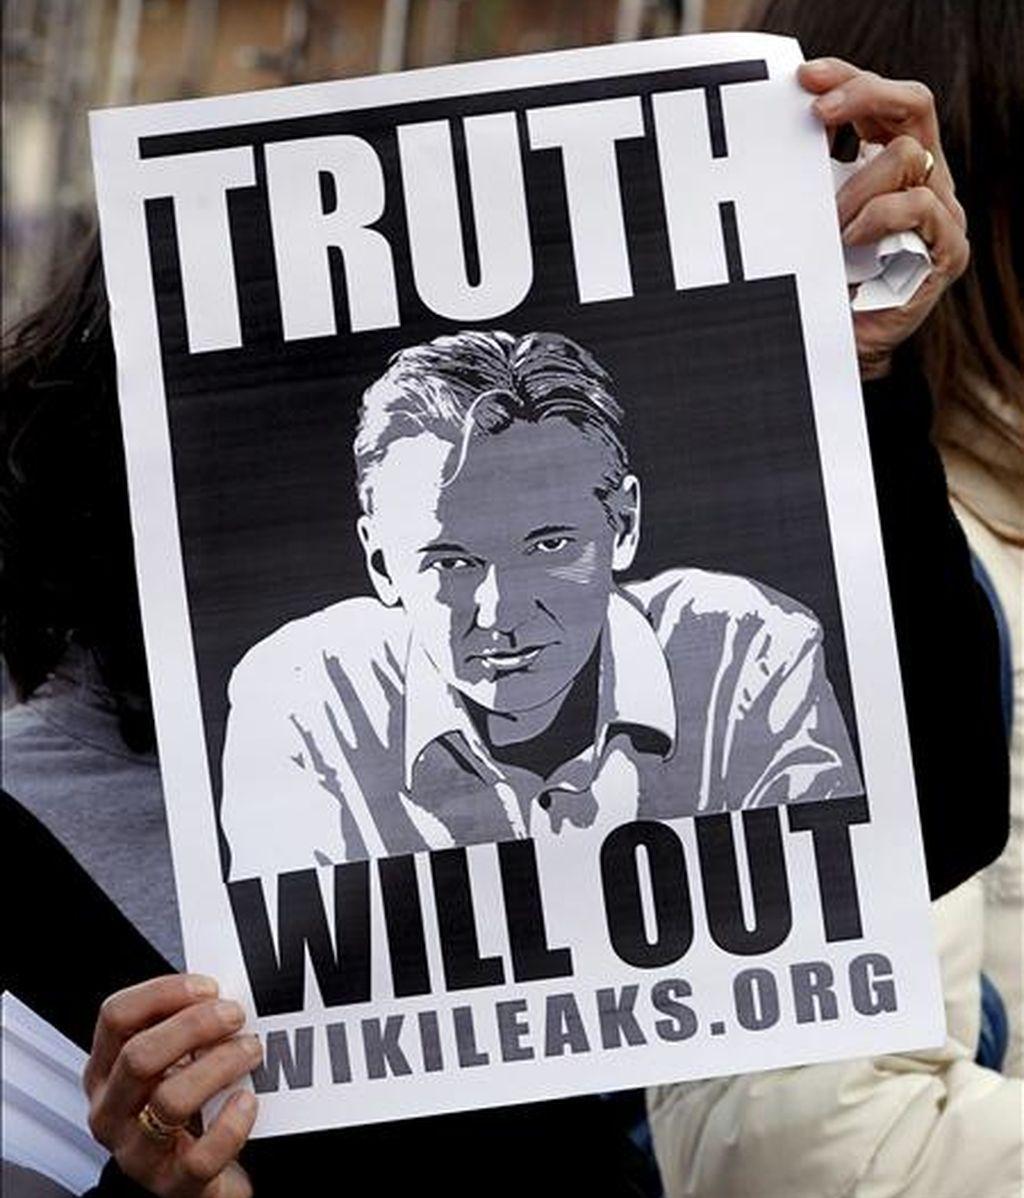 Concentración convocada por la web freewikileaks en defensa de la liberta en Internet y del fundador de la web Wikileaks, Julian Assange, que ha tenido lugar hoy en la Plaza del Ayuntamiento de Valencia. EFE